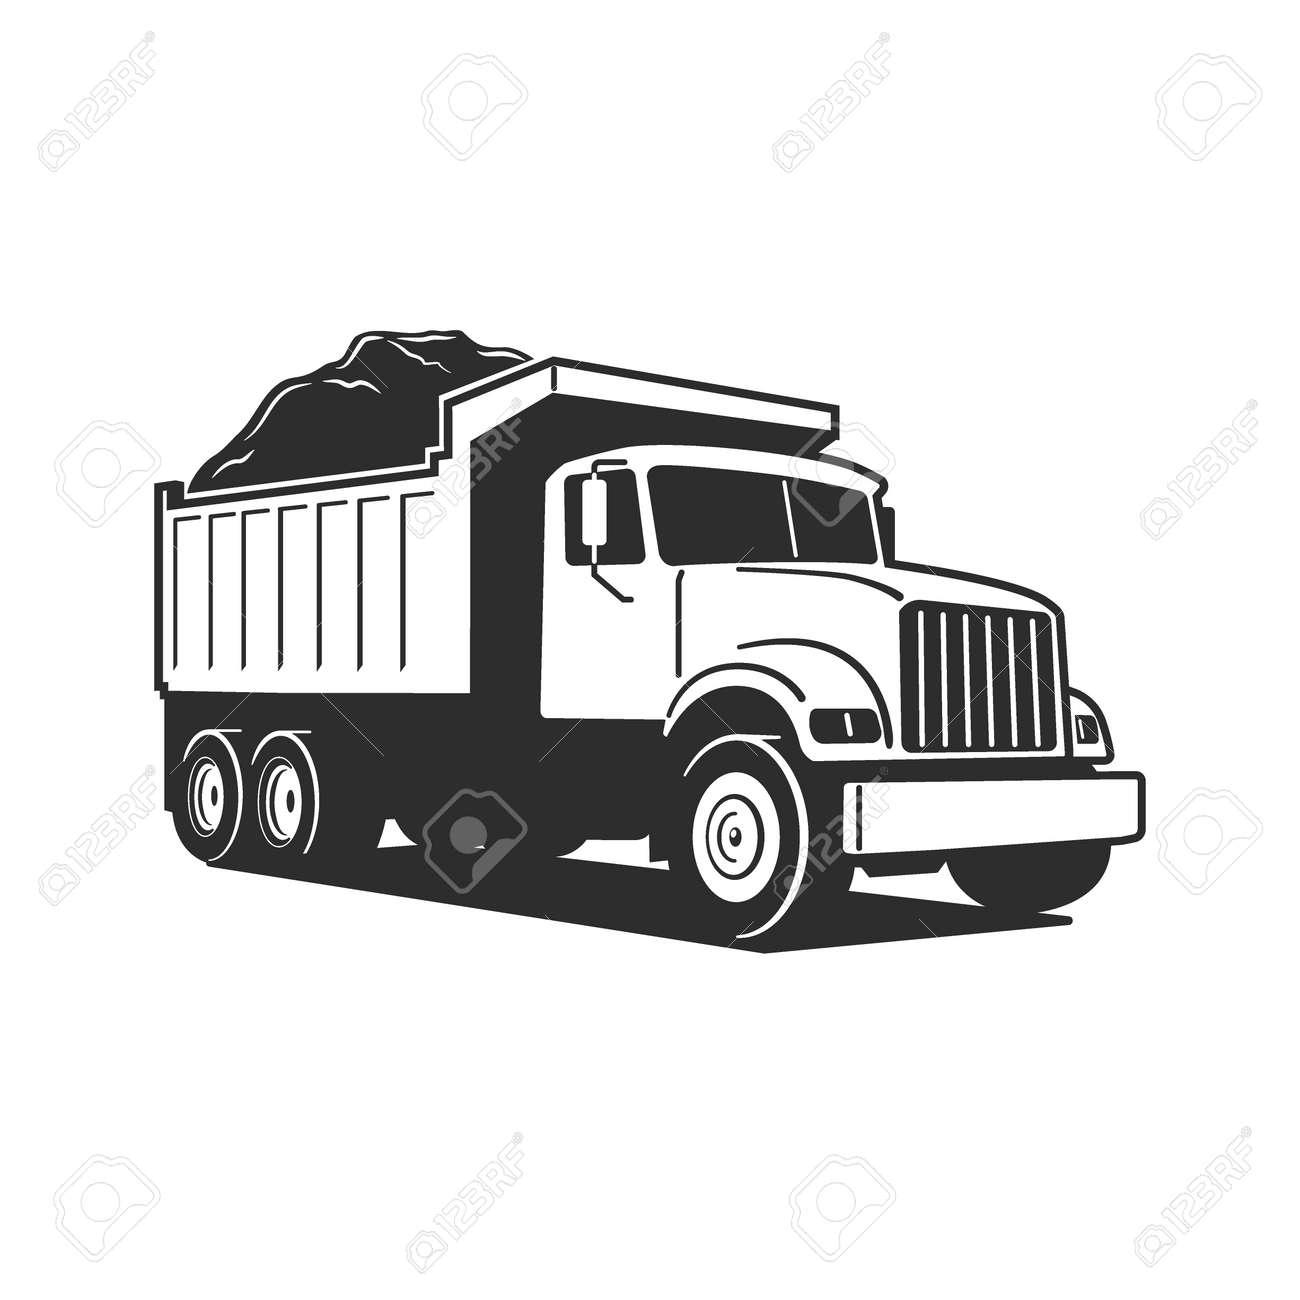 Vector Cartoon Dump Truck. Tipper truck. Vector Cartoon Dump Truck. Vector Cartoon Dump Truck. Tipper truck. - 171729892